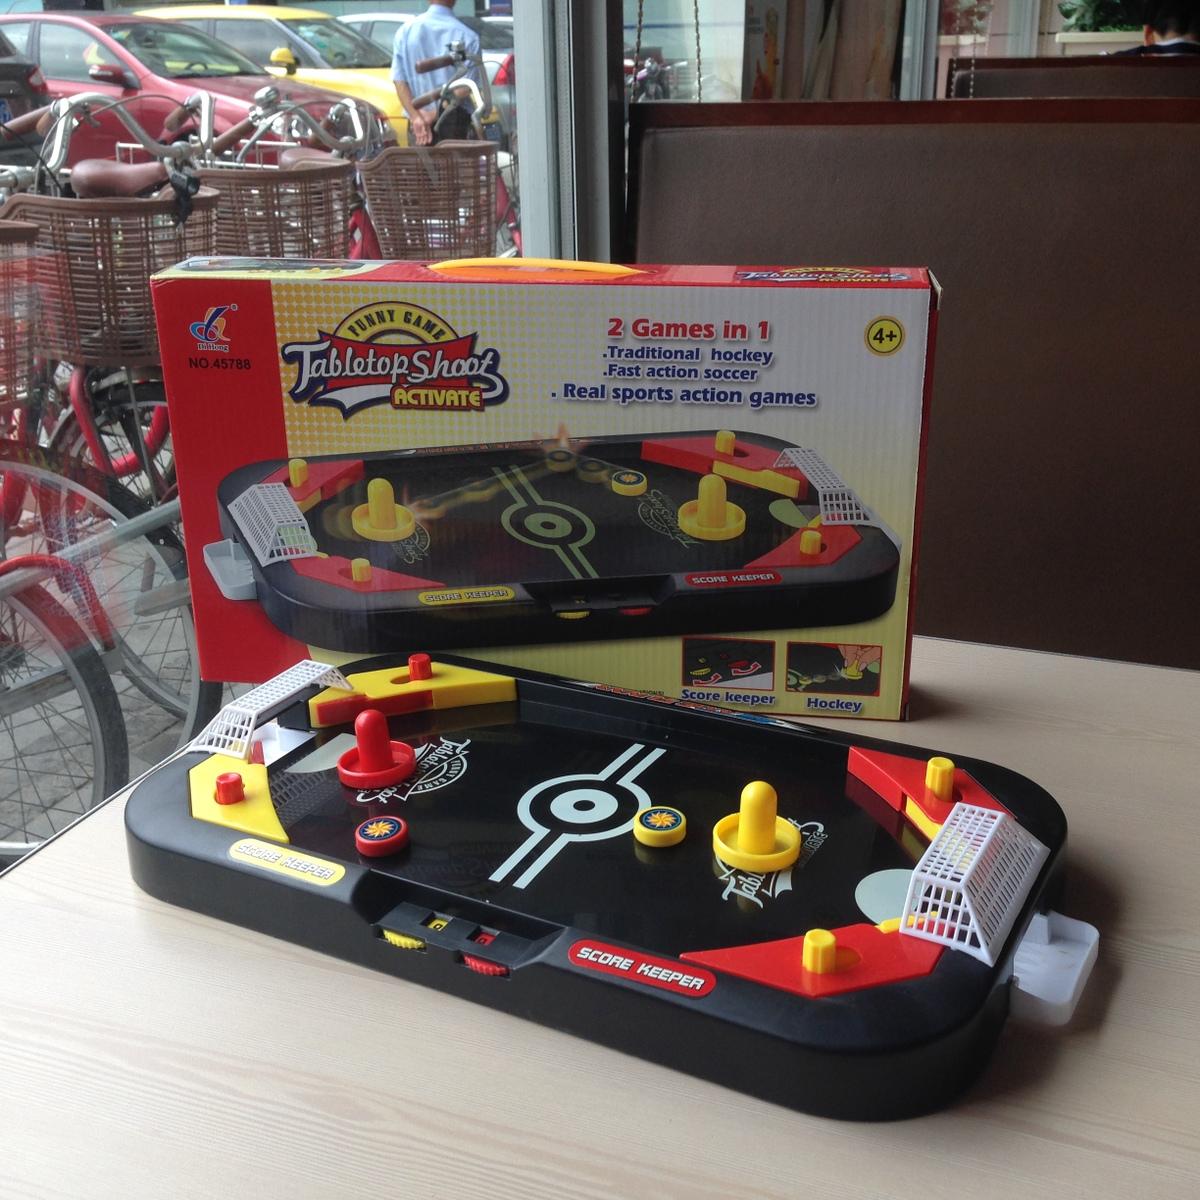 親子ゲームのテーブル遊び子供二人家族のおもちゃテーブルの上のインタラクティブデスクトップアイスホッケー+イギリス式サッカー台のプレゼント